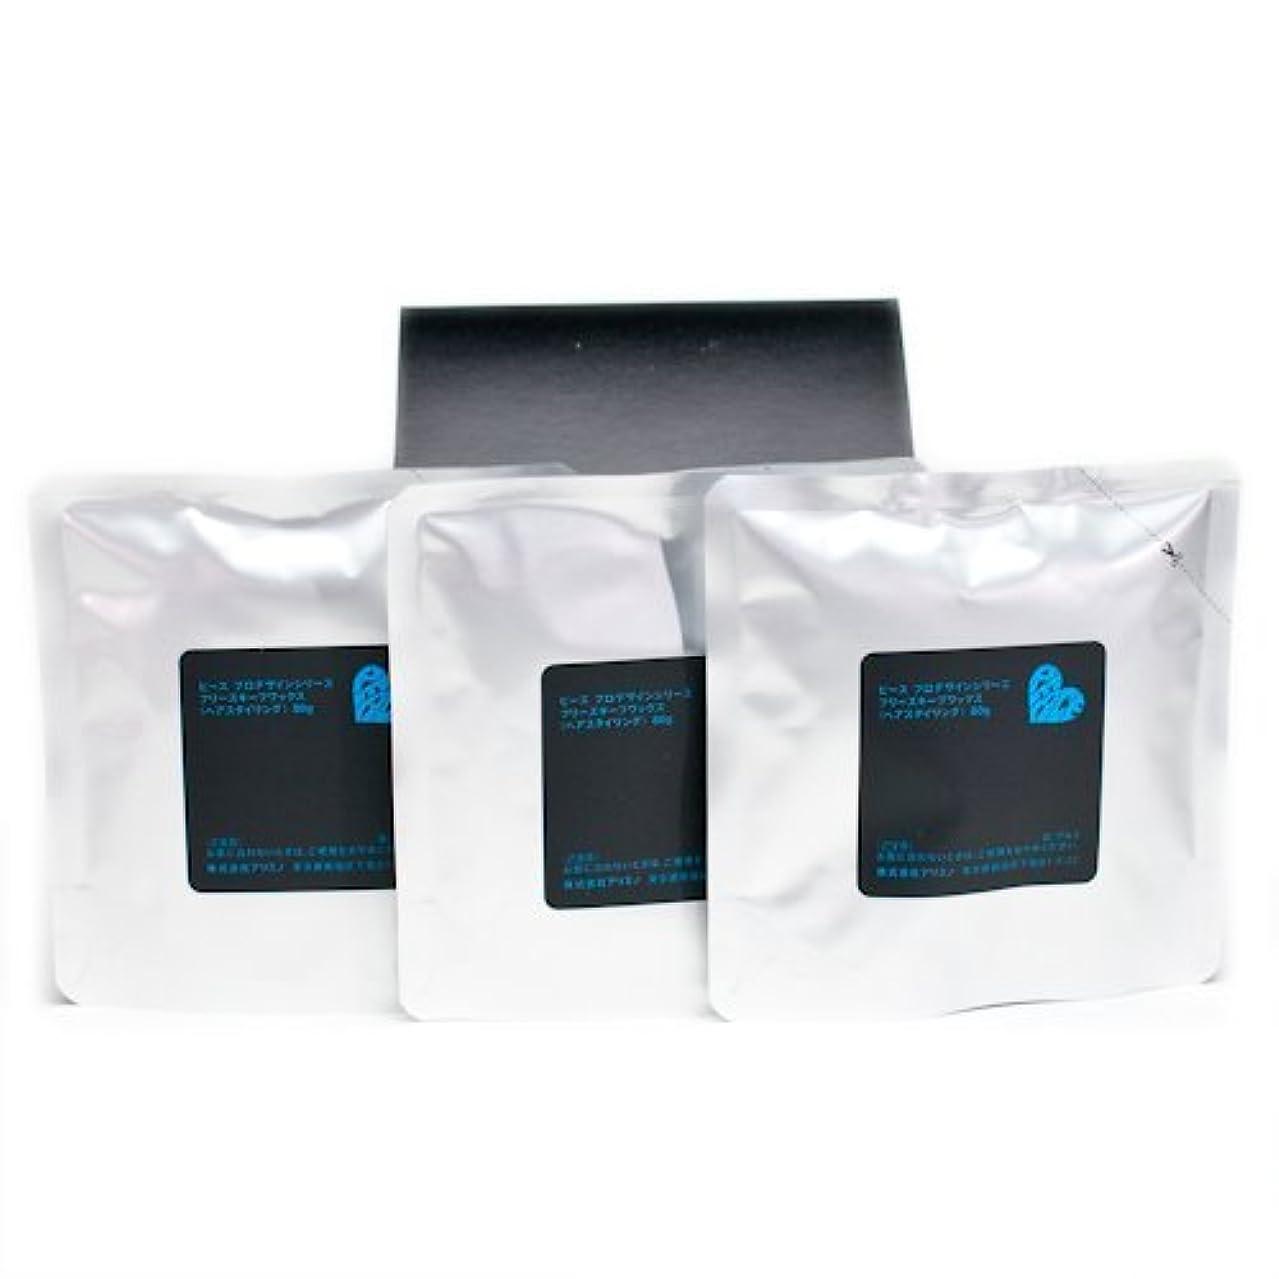 広告滅びるパイアリミノ ピース フリーズキープワックス (ブラック)80g(業務?詰替用)×3個入り